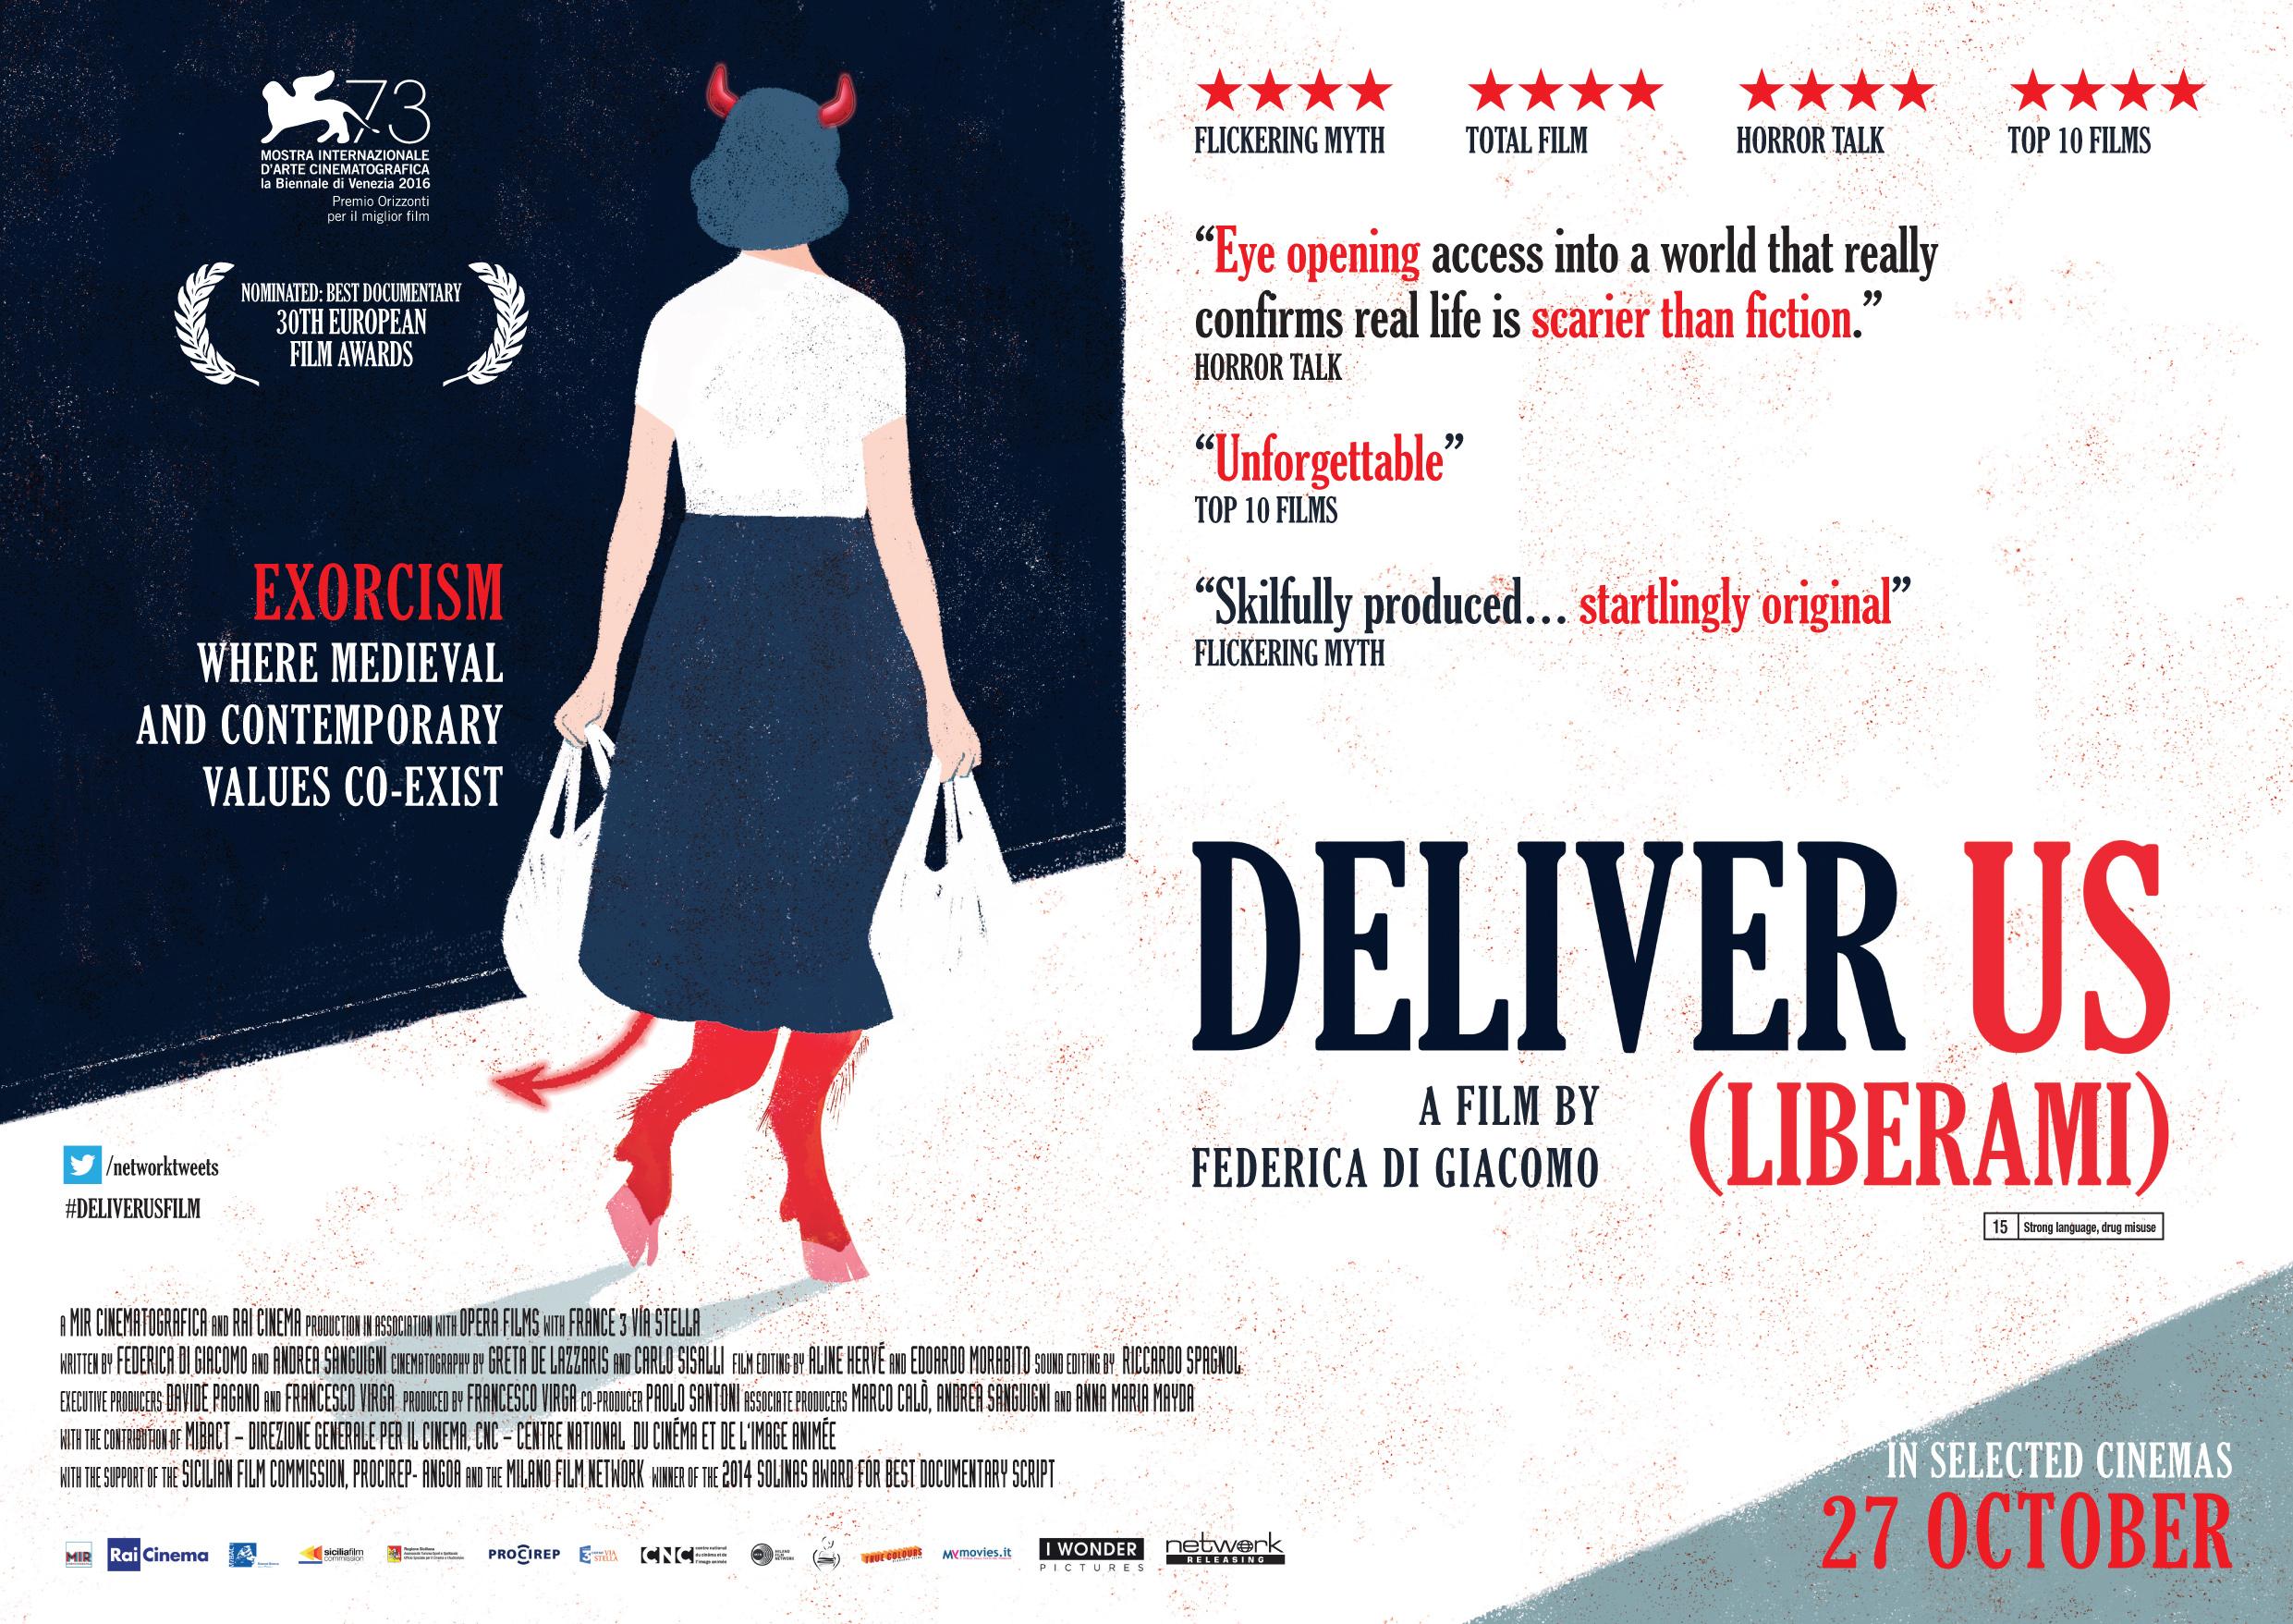 Deliver Us (Liberami) Documentary by Federica di Giacomo